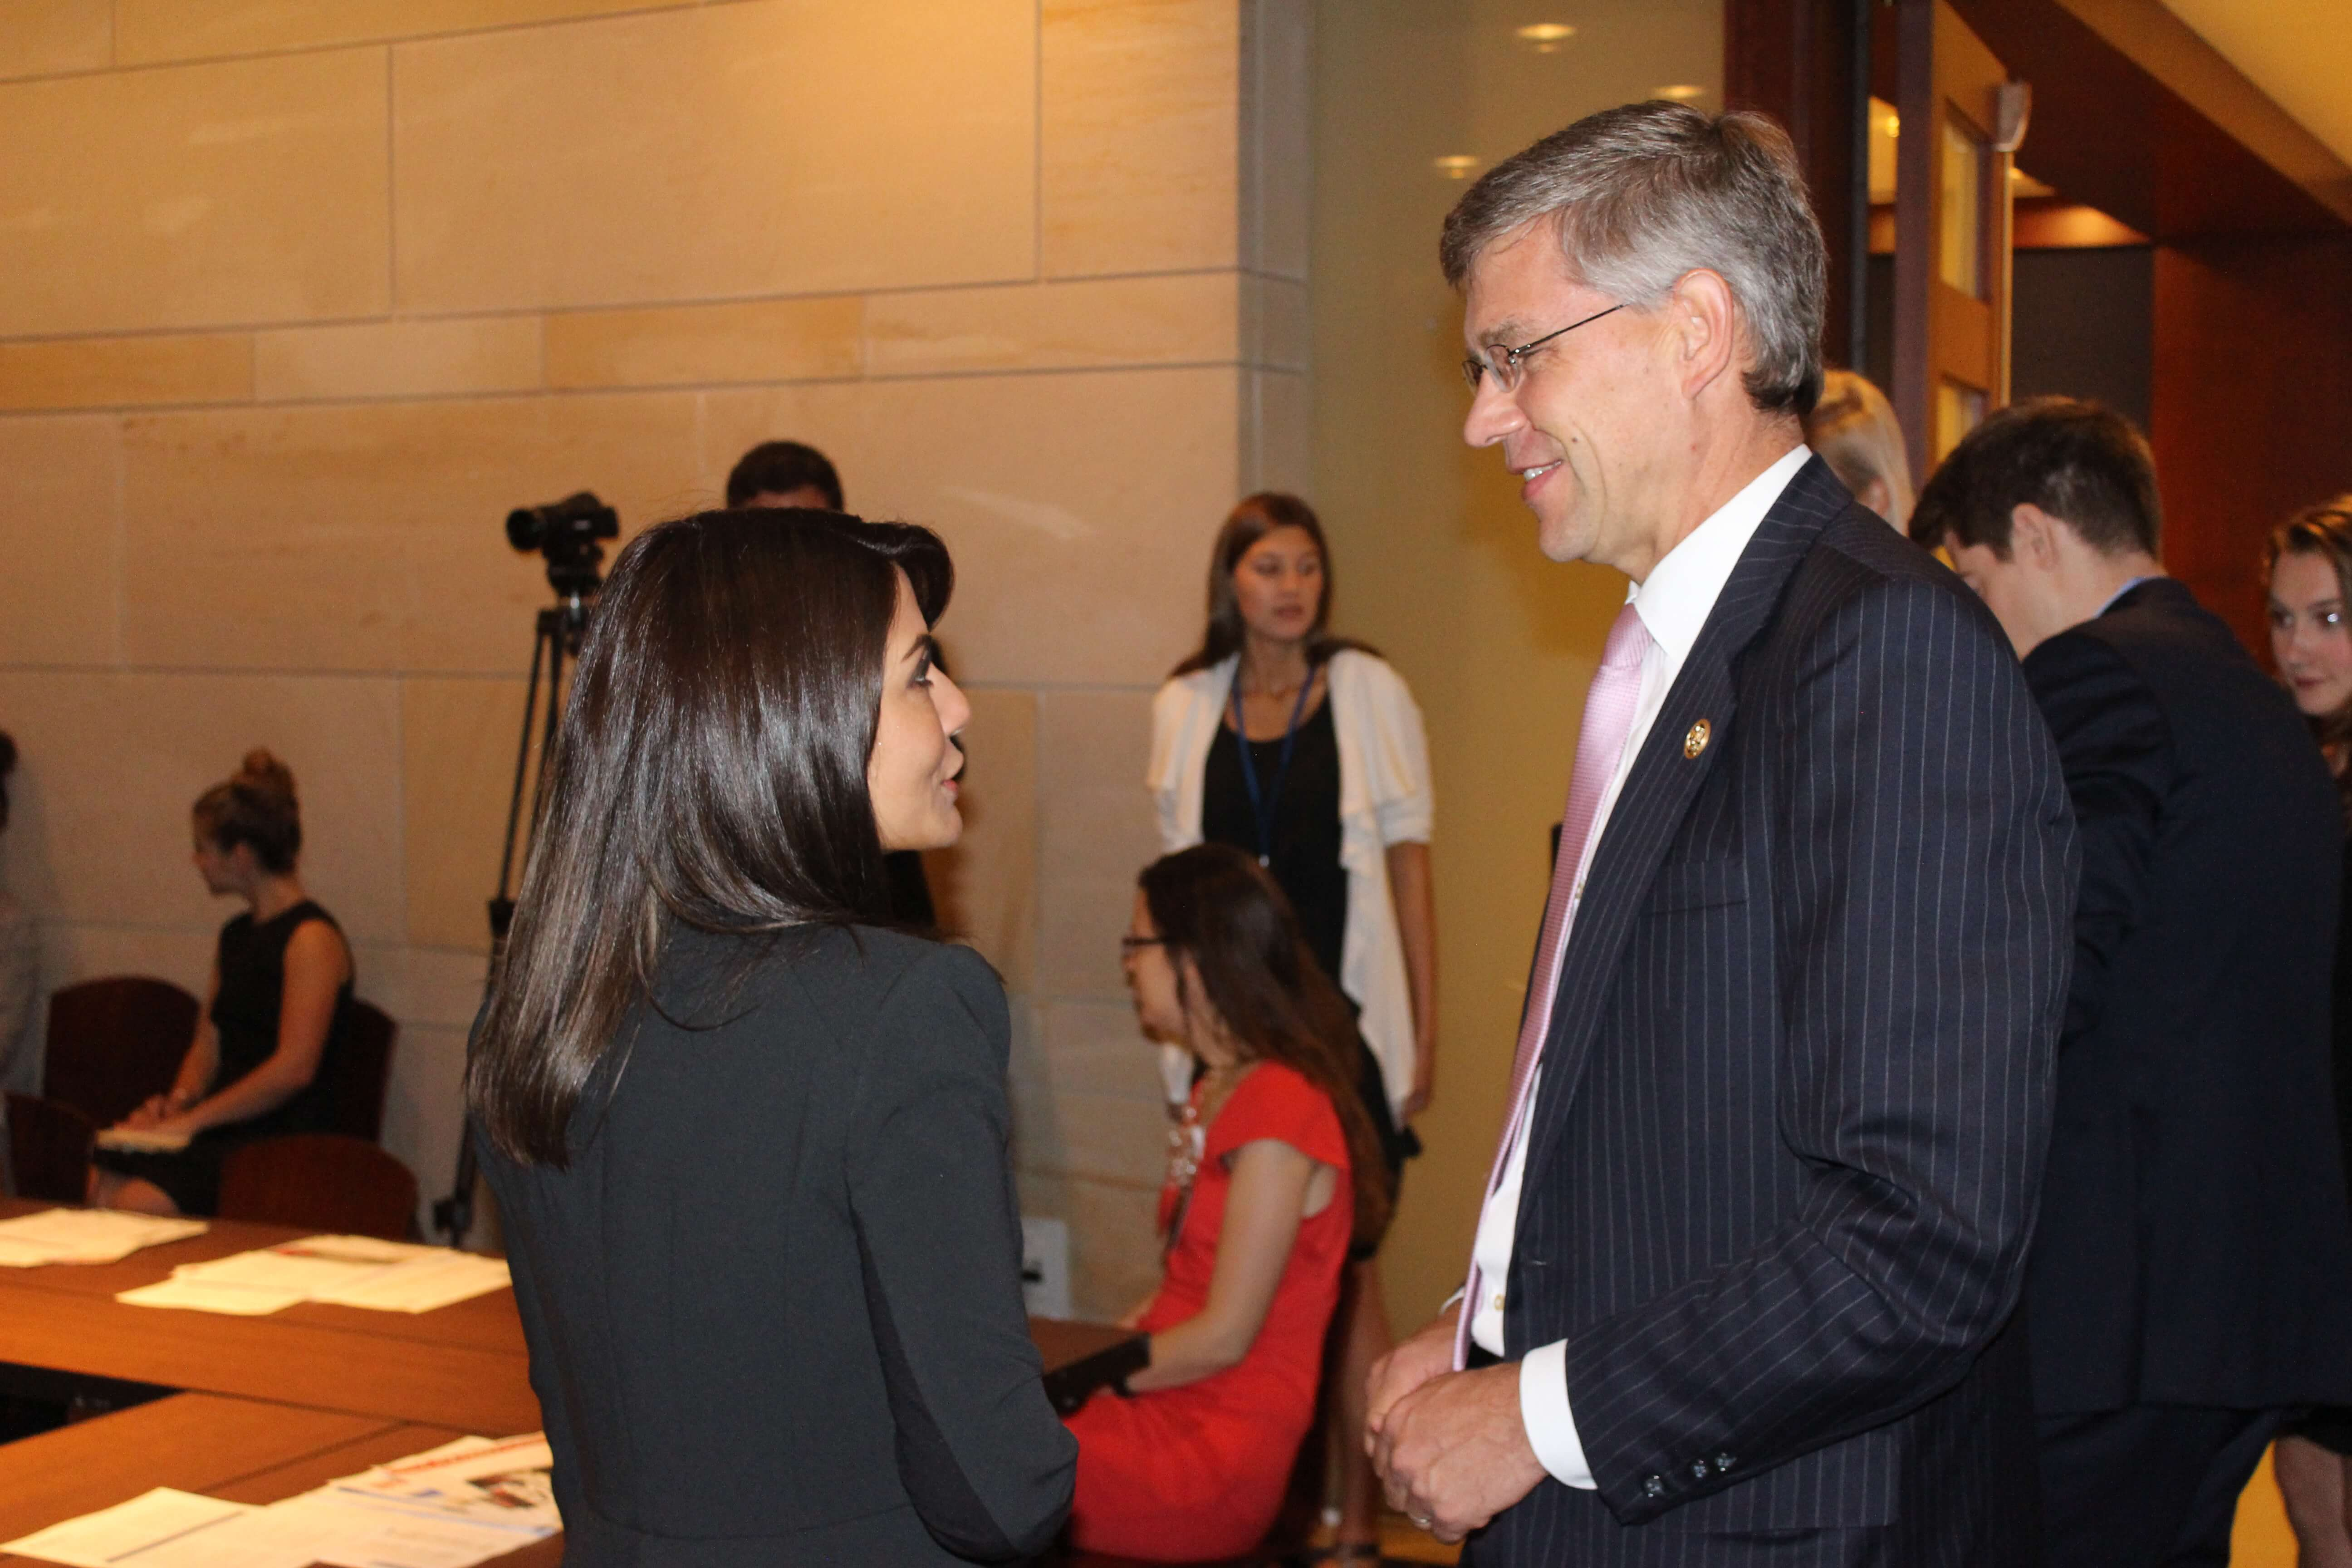 Marisol Nichols and Congressman Paulsen